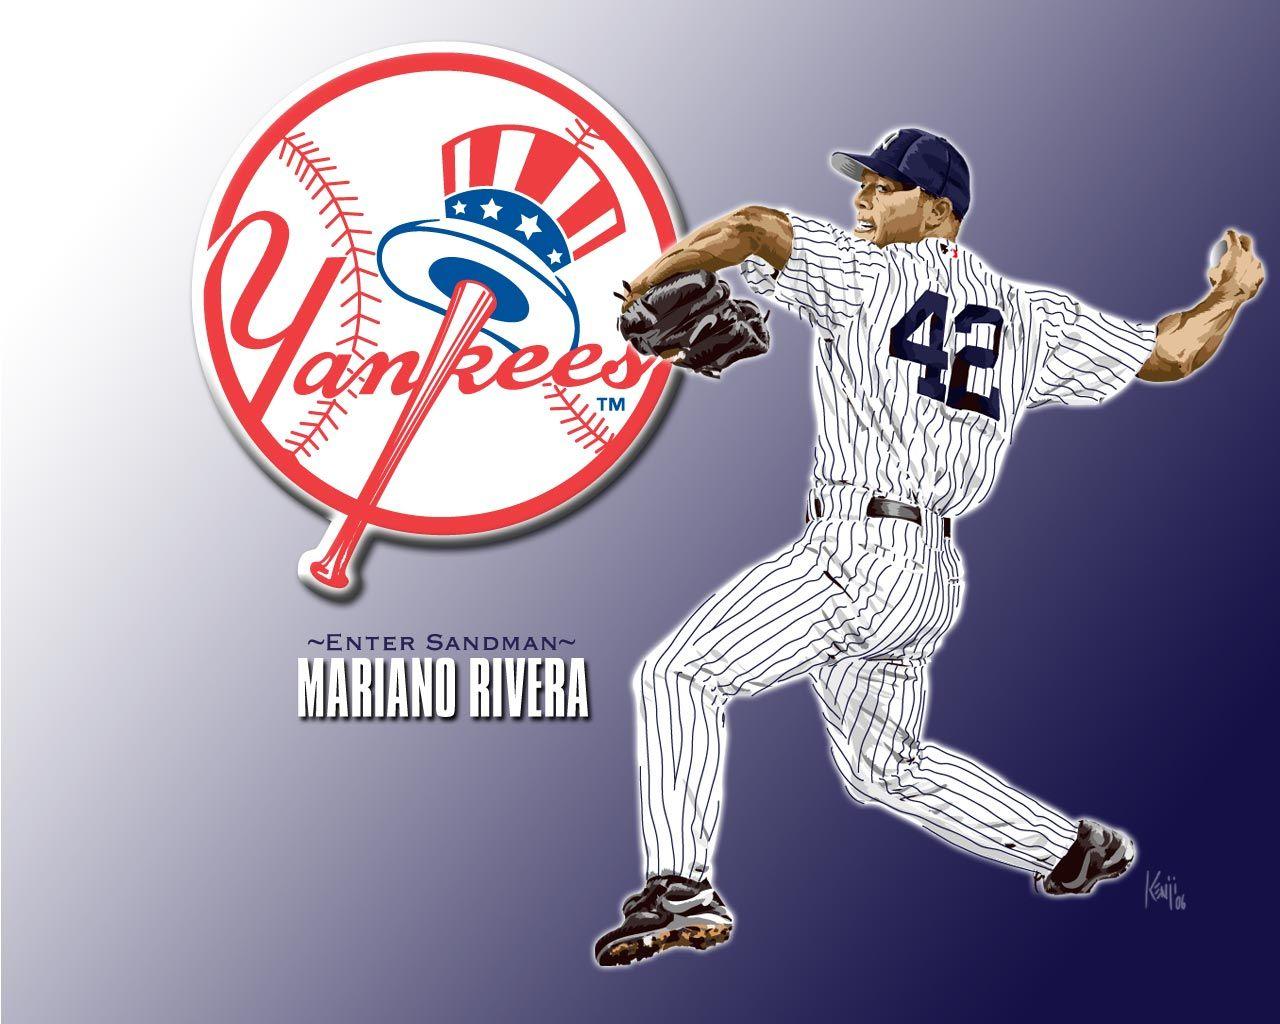 Pin by Pamela Austad on N.Y. YANKEES.. | New york yankees, New york yankees  baseball, Leadership lessons